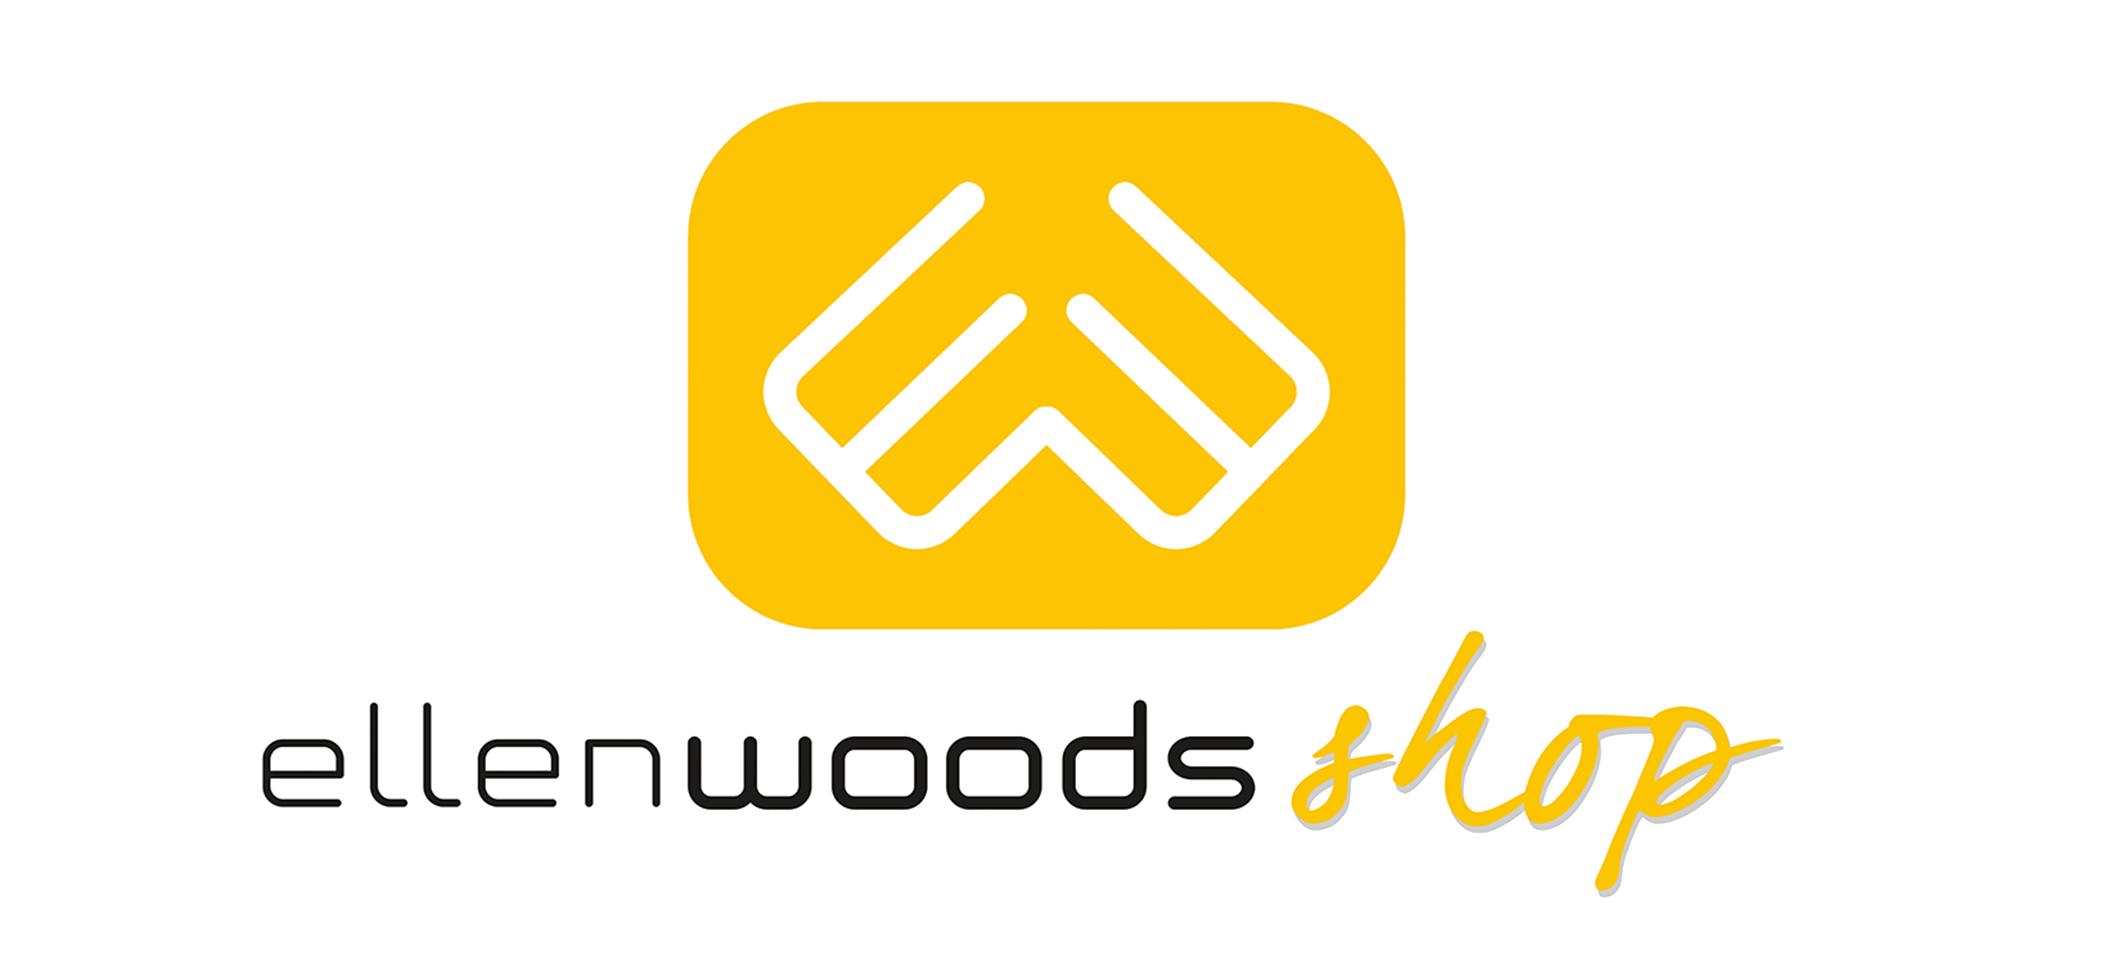 ellenwoods-shop